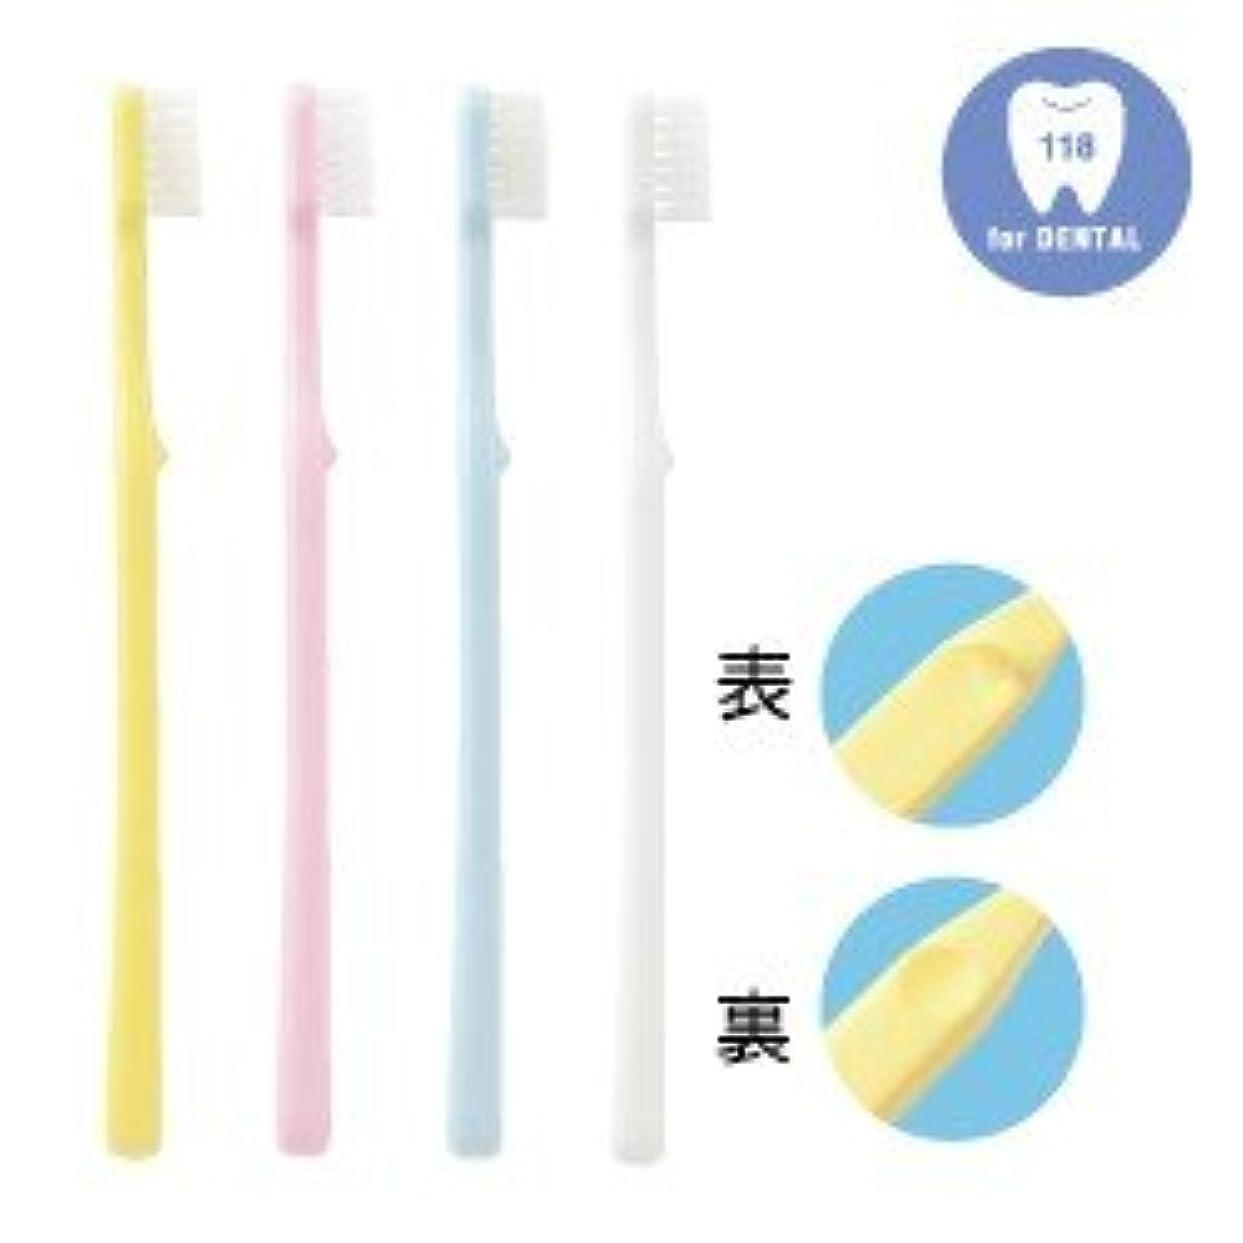 モザイク盆地セージ歯科専用歯ブラシ フォーカス 子供用 118シリーズ M(ふつう) 20本